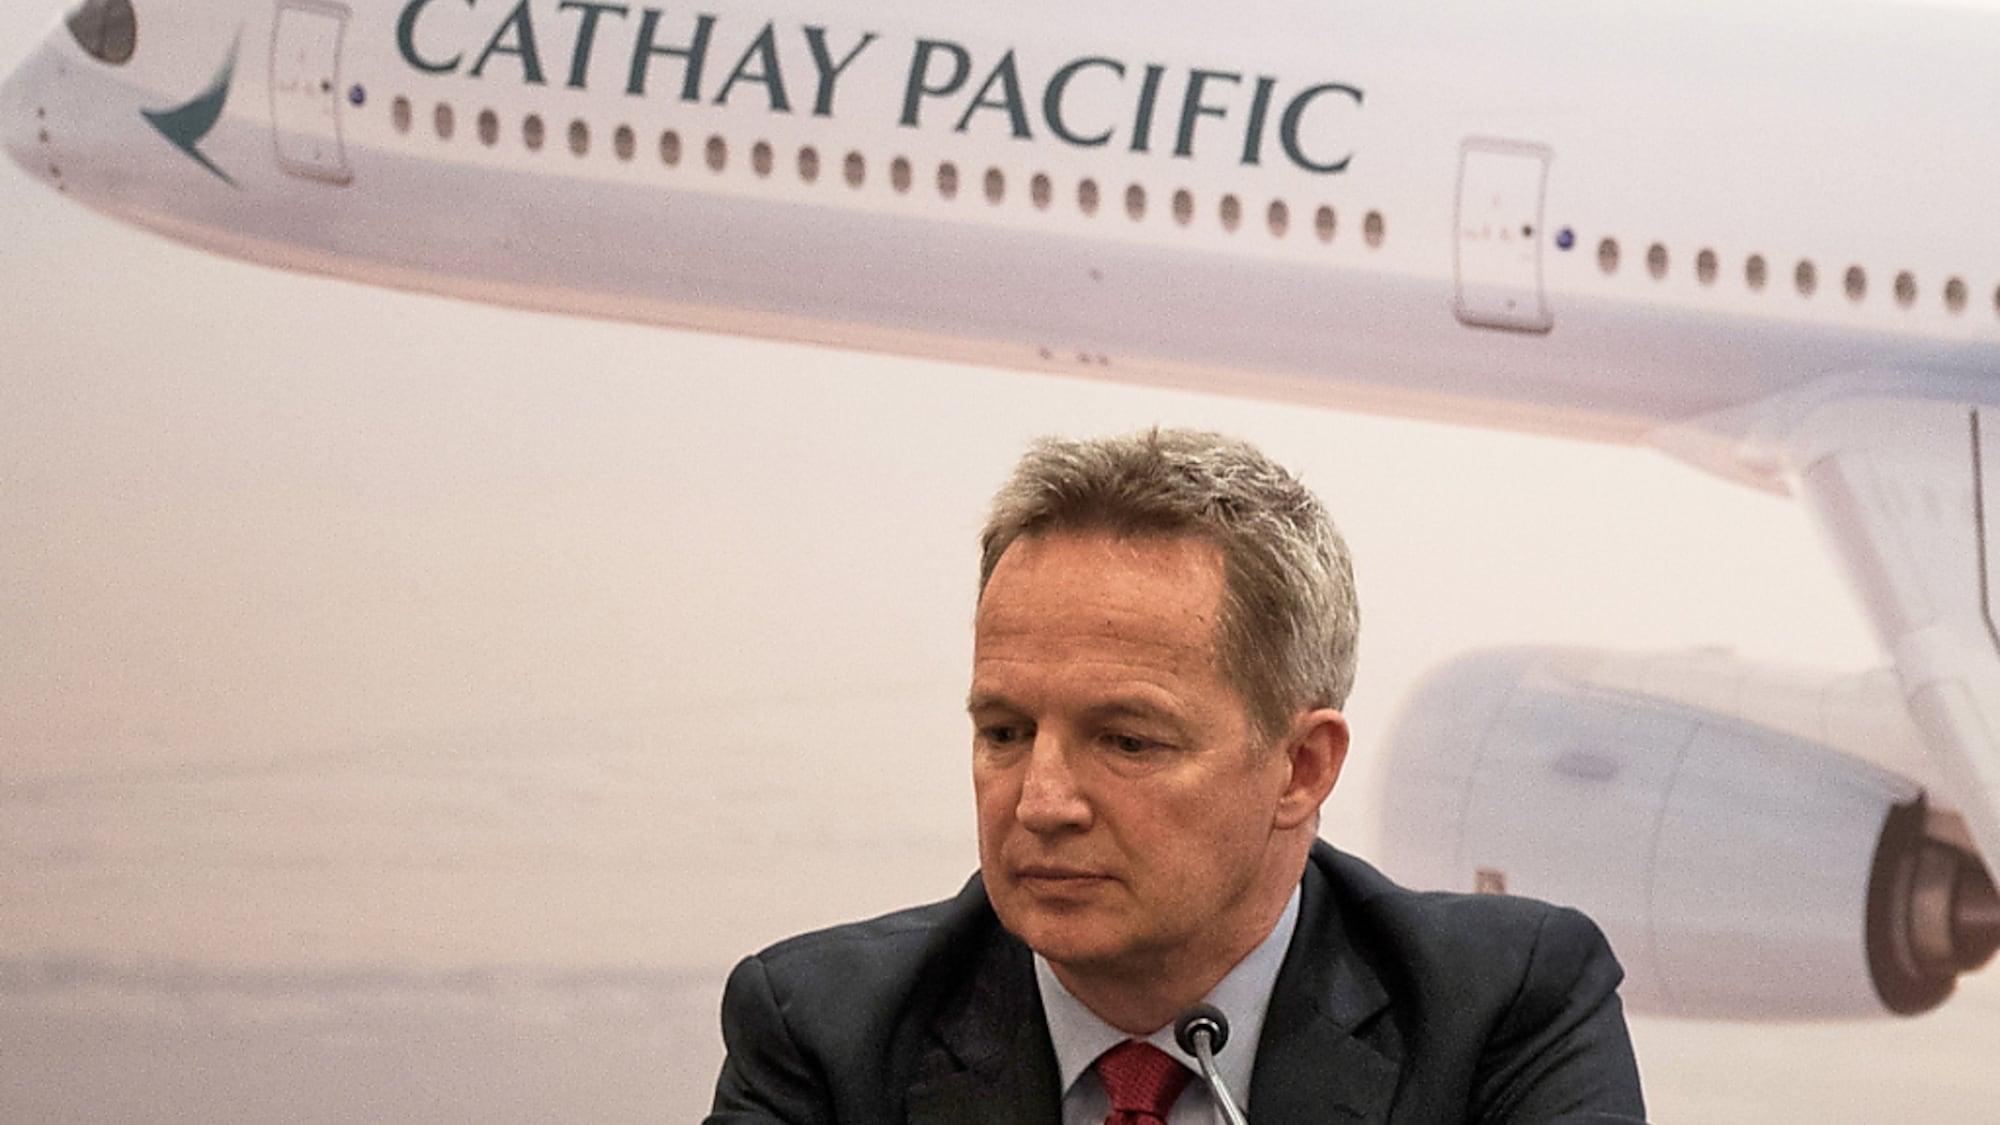 Massenproteste in Hongkong: Chef von Cathay Pacific tritt nach Druck aus Peking zurück